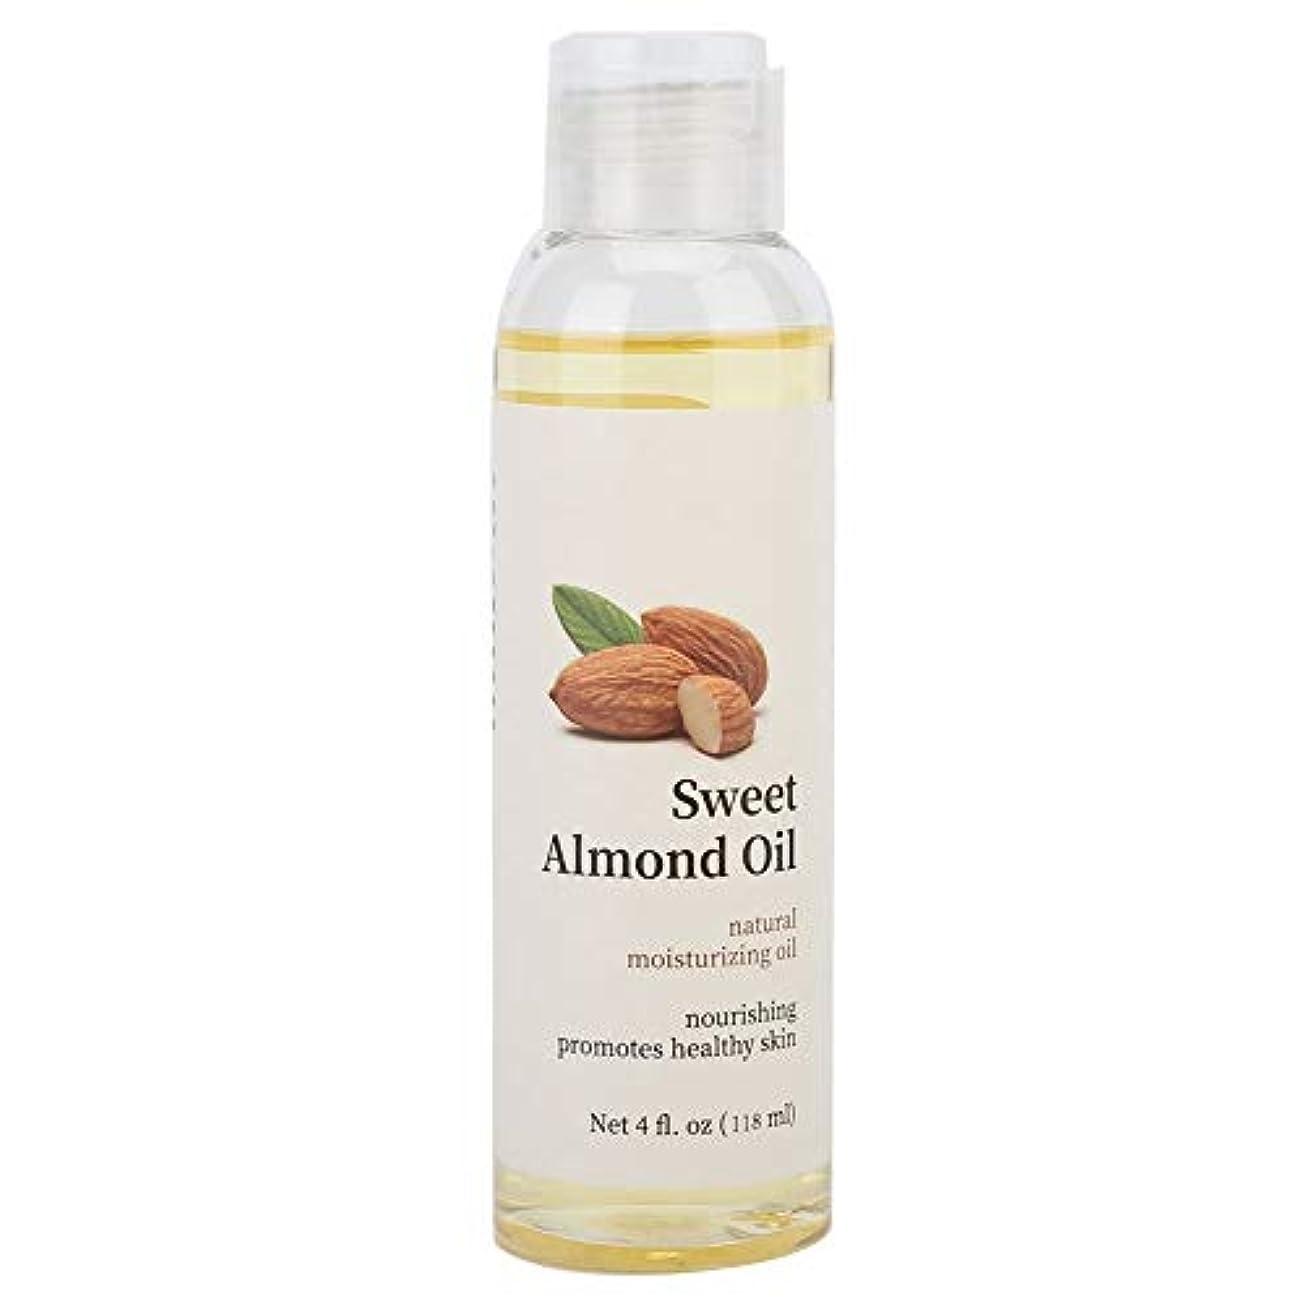 実証する誘惑打ち上げるアーモンド ボディマッサージオイル、スキンケアエッセンシャルオイル保湿 スキンケアとヘアケアに最適、肌と顔の柔らかさ、男性と女性の両方に最適118ml